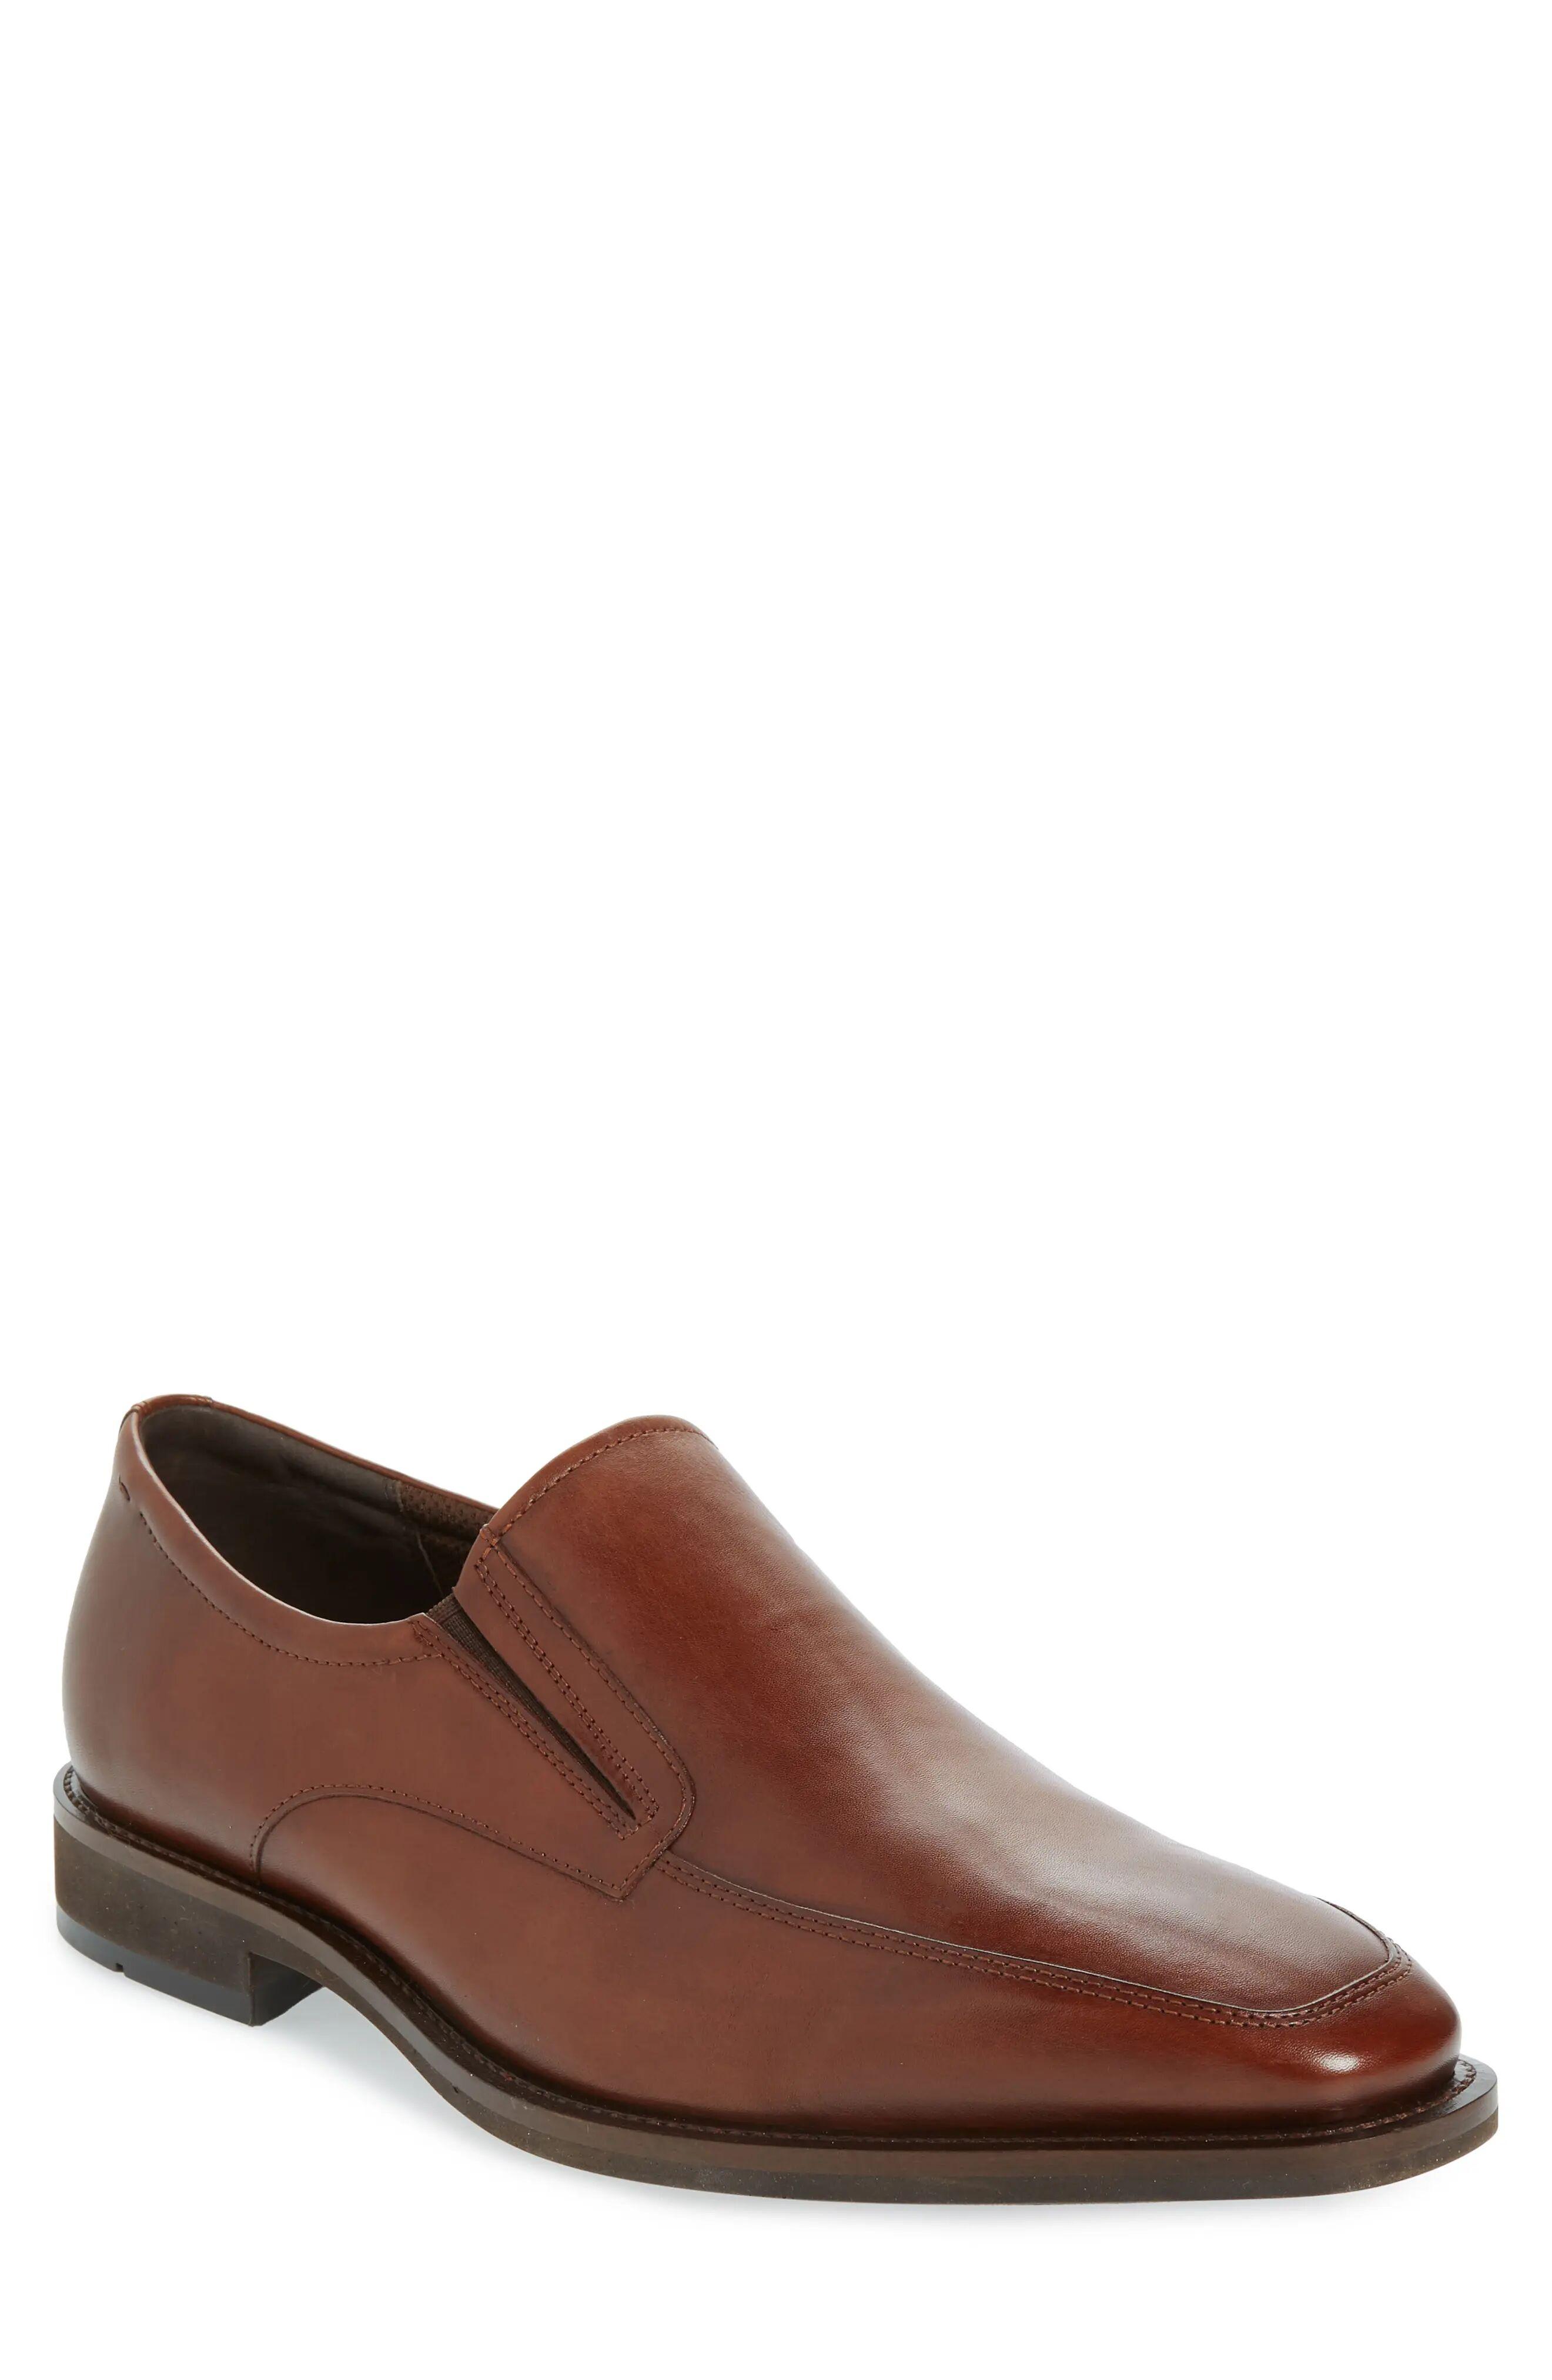 ECCO Men's Ecco Calcan Venetian Loafer, Size 10-10.5US - Brown